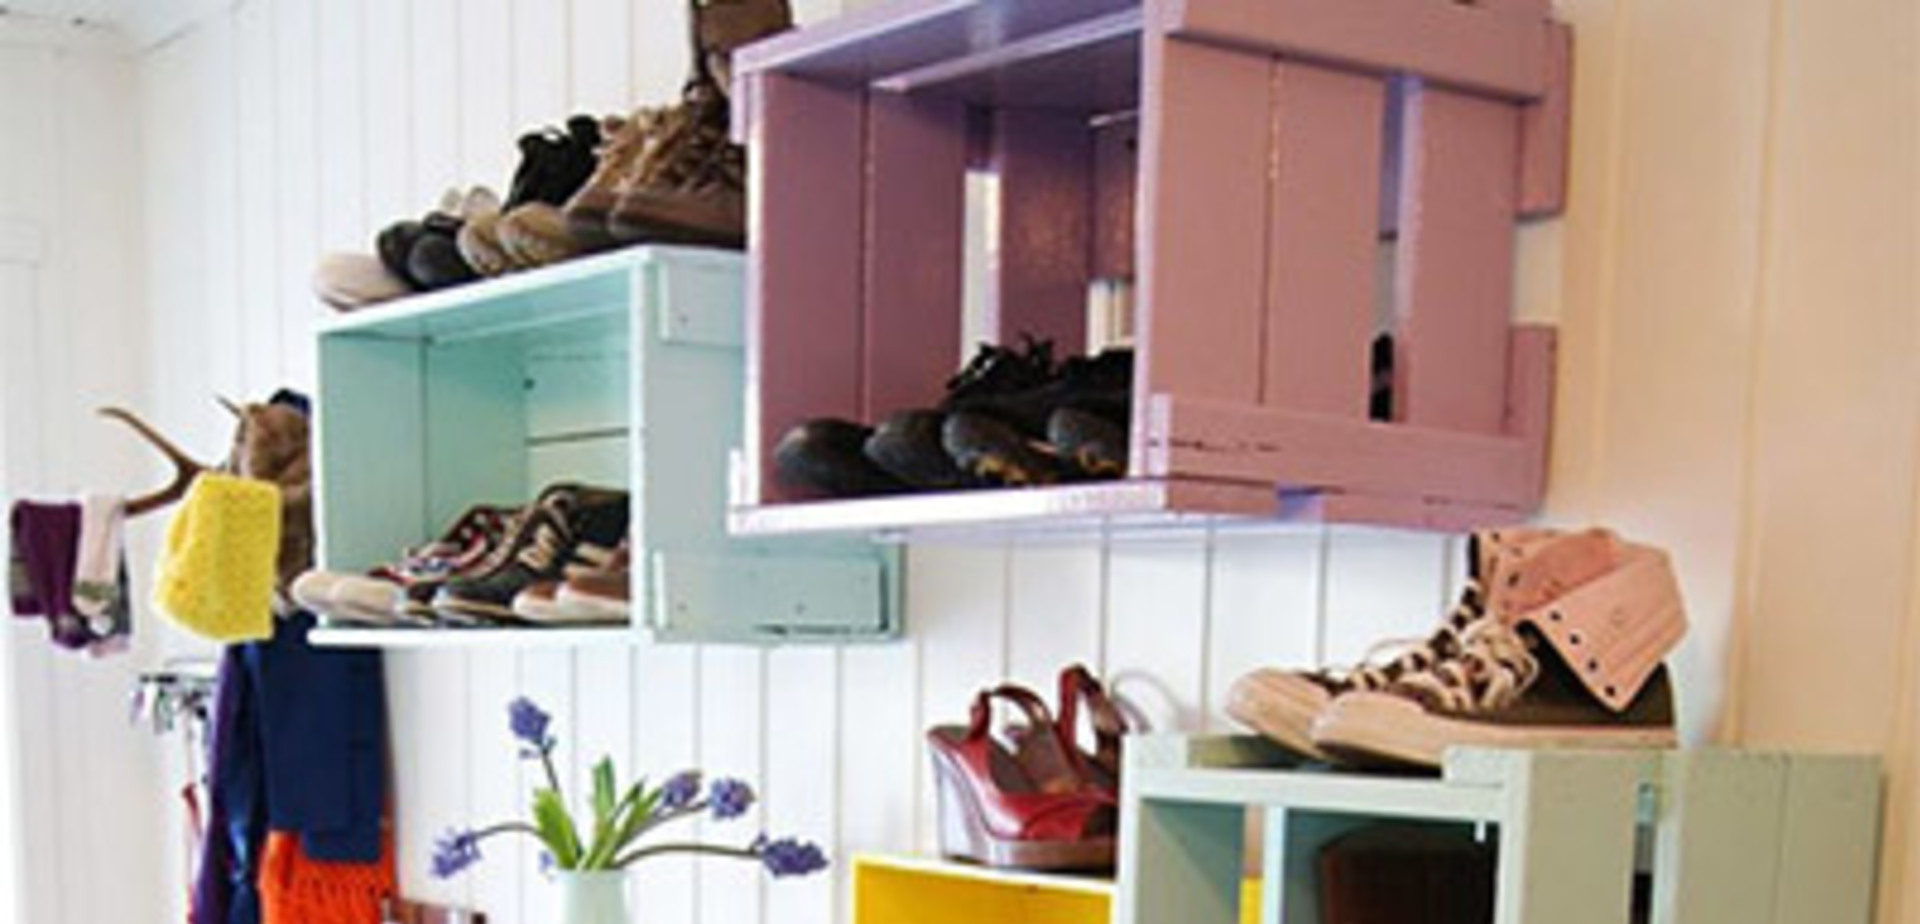 Schoenenkast Onder Trap.7 Creatieve Schoenenopbergers Die Jij Zelf Kunt Maken Brico